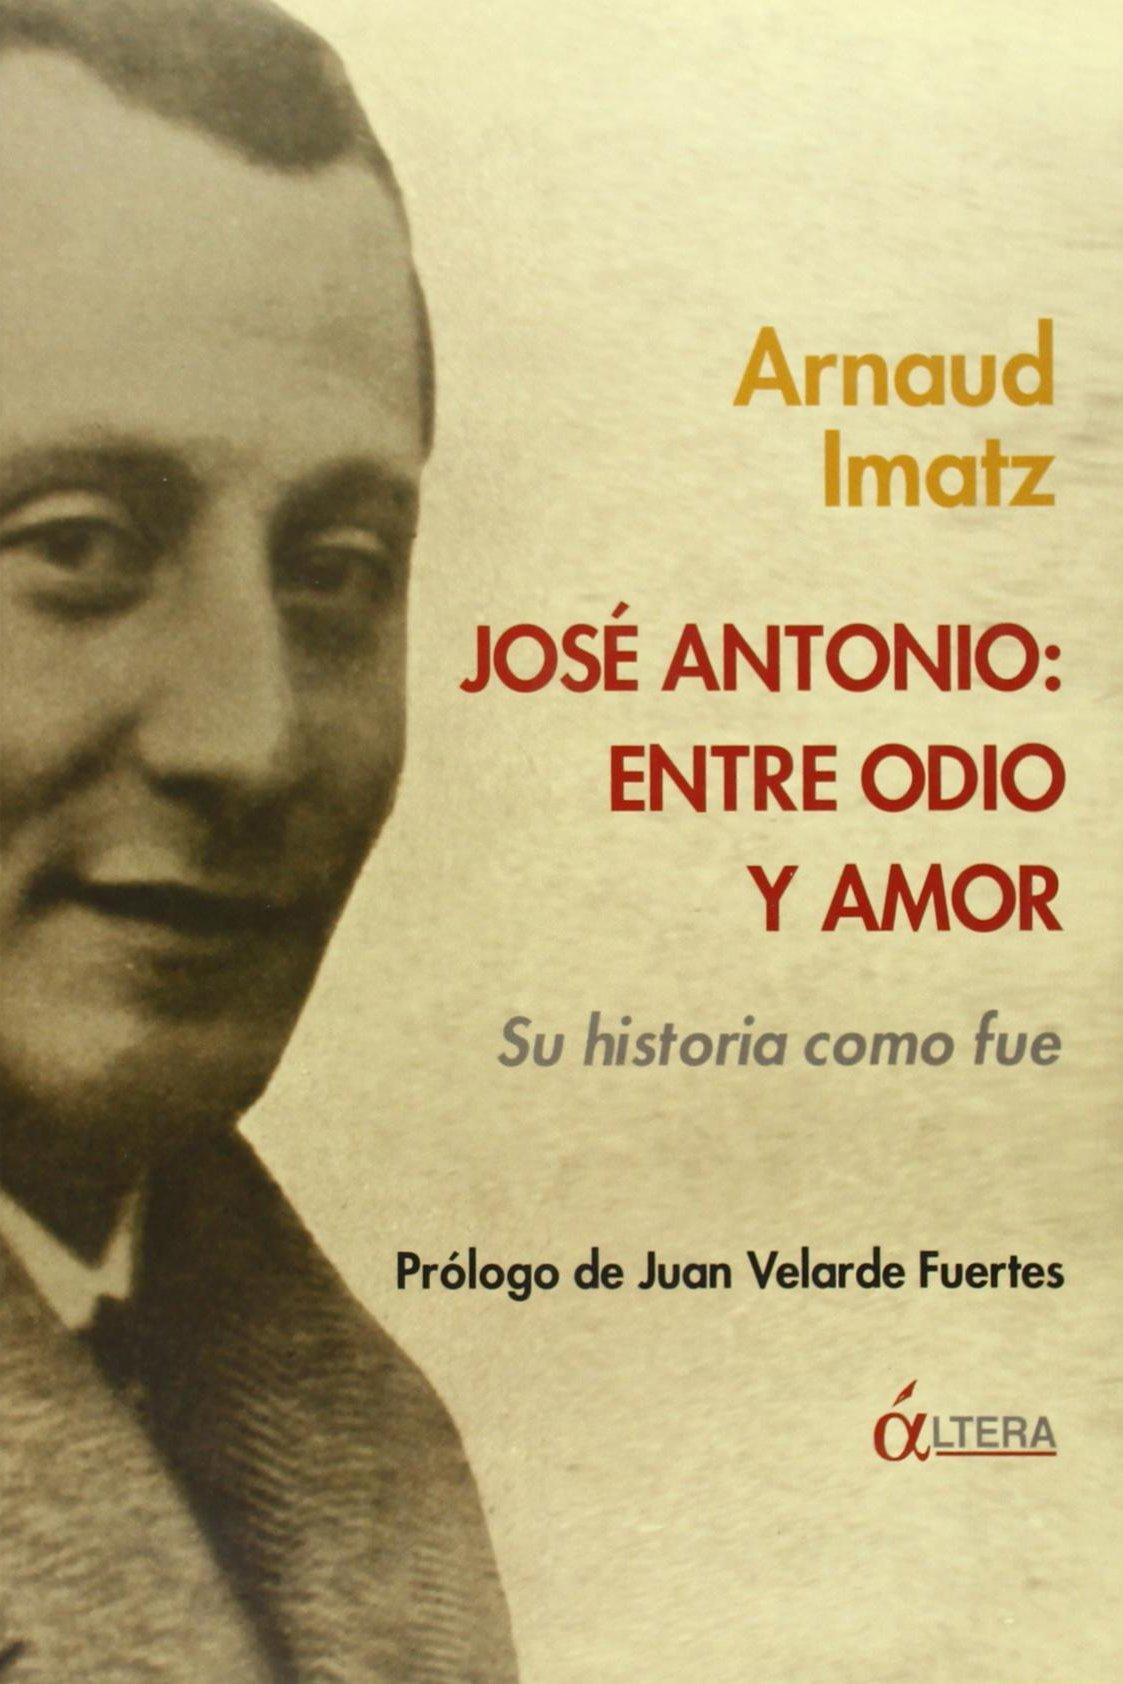 José Antonio : entre odio y amor : su historia como fue: Amazon.es: Arnaud Imatz: Libros